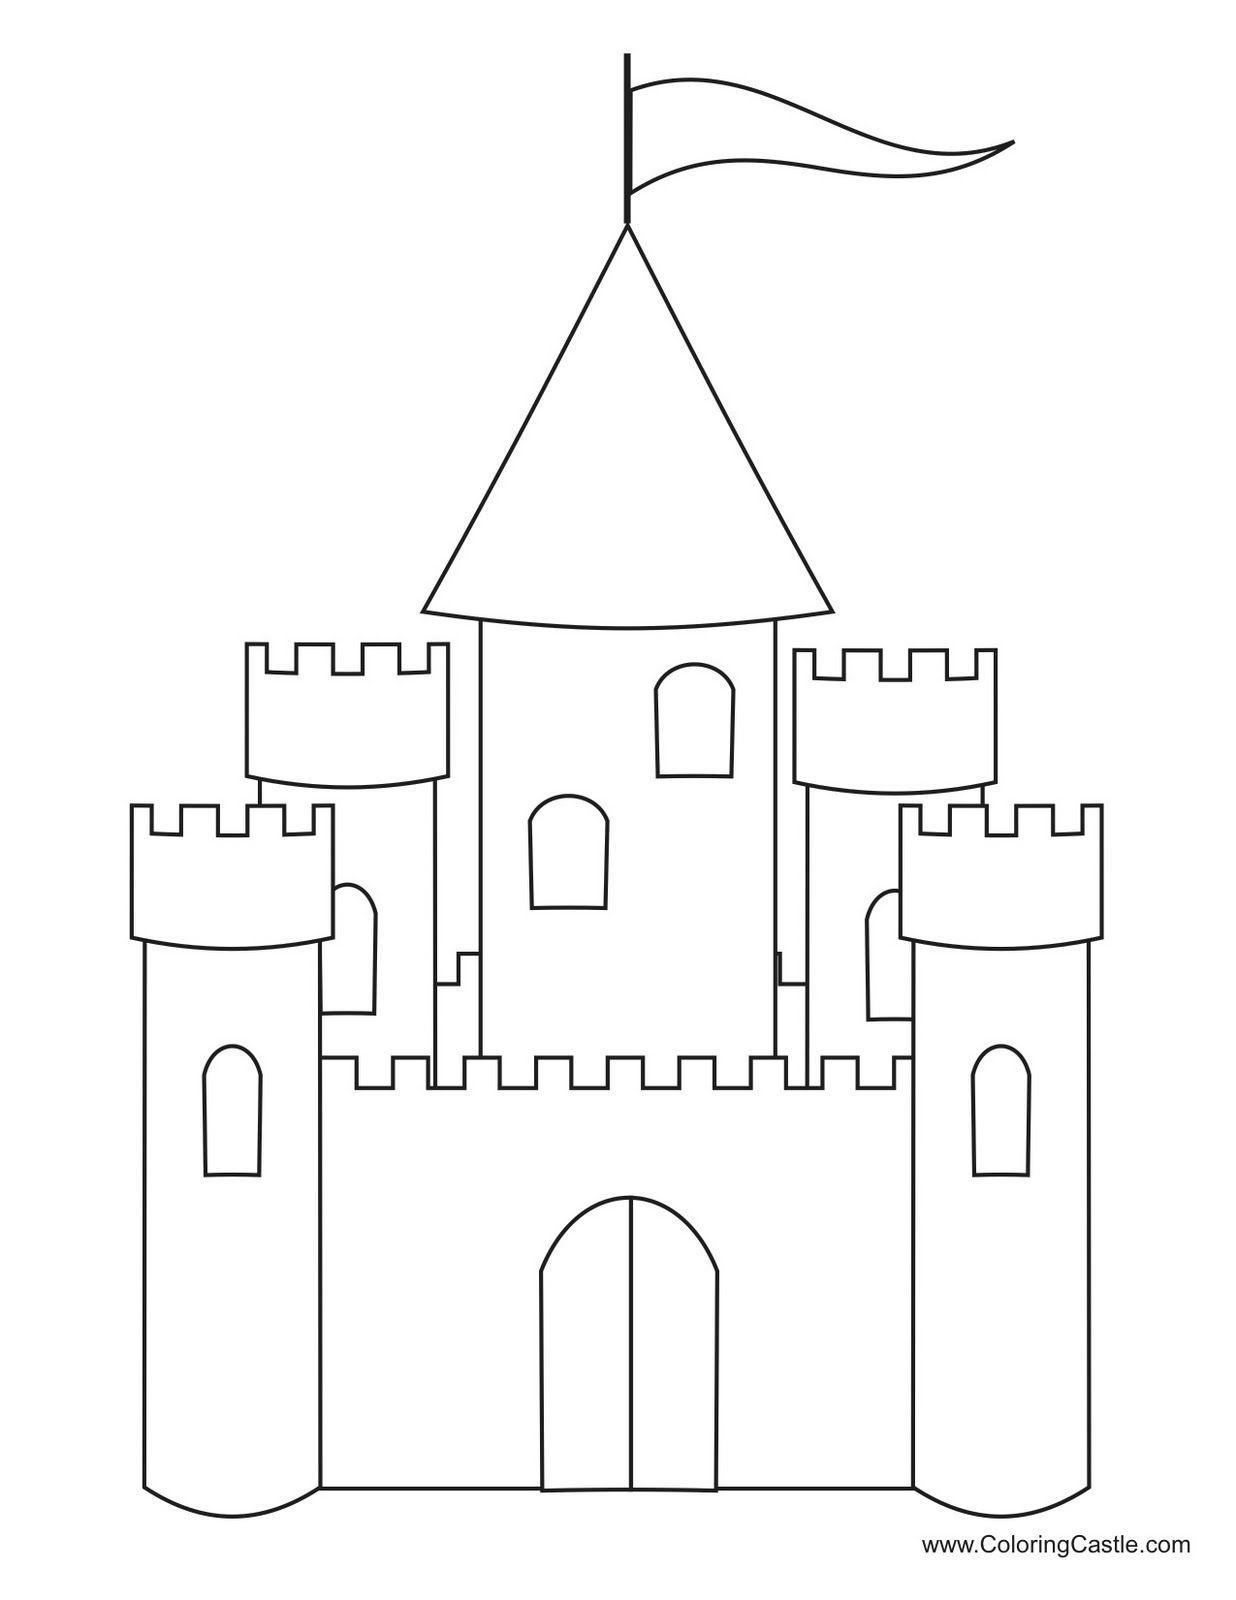 Albumarchiv Castle Coloring Page Princess Coloring Pages Castle Crafts